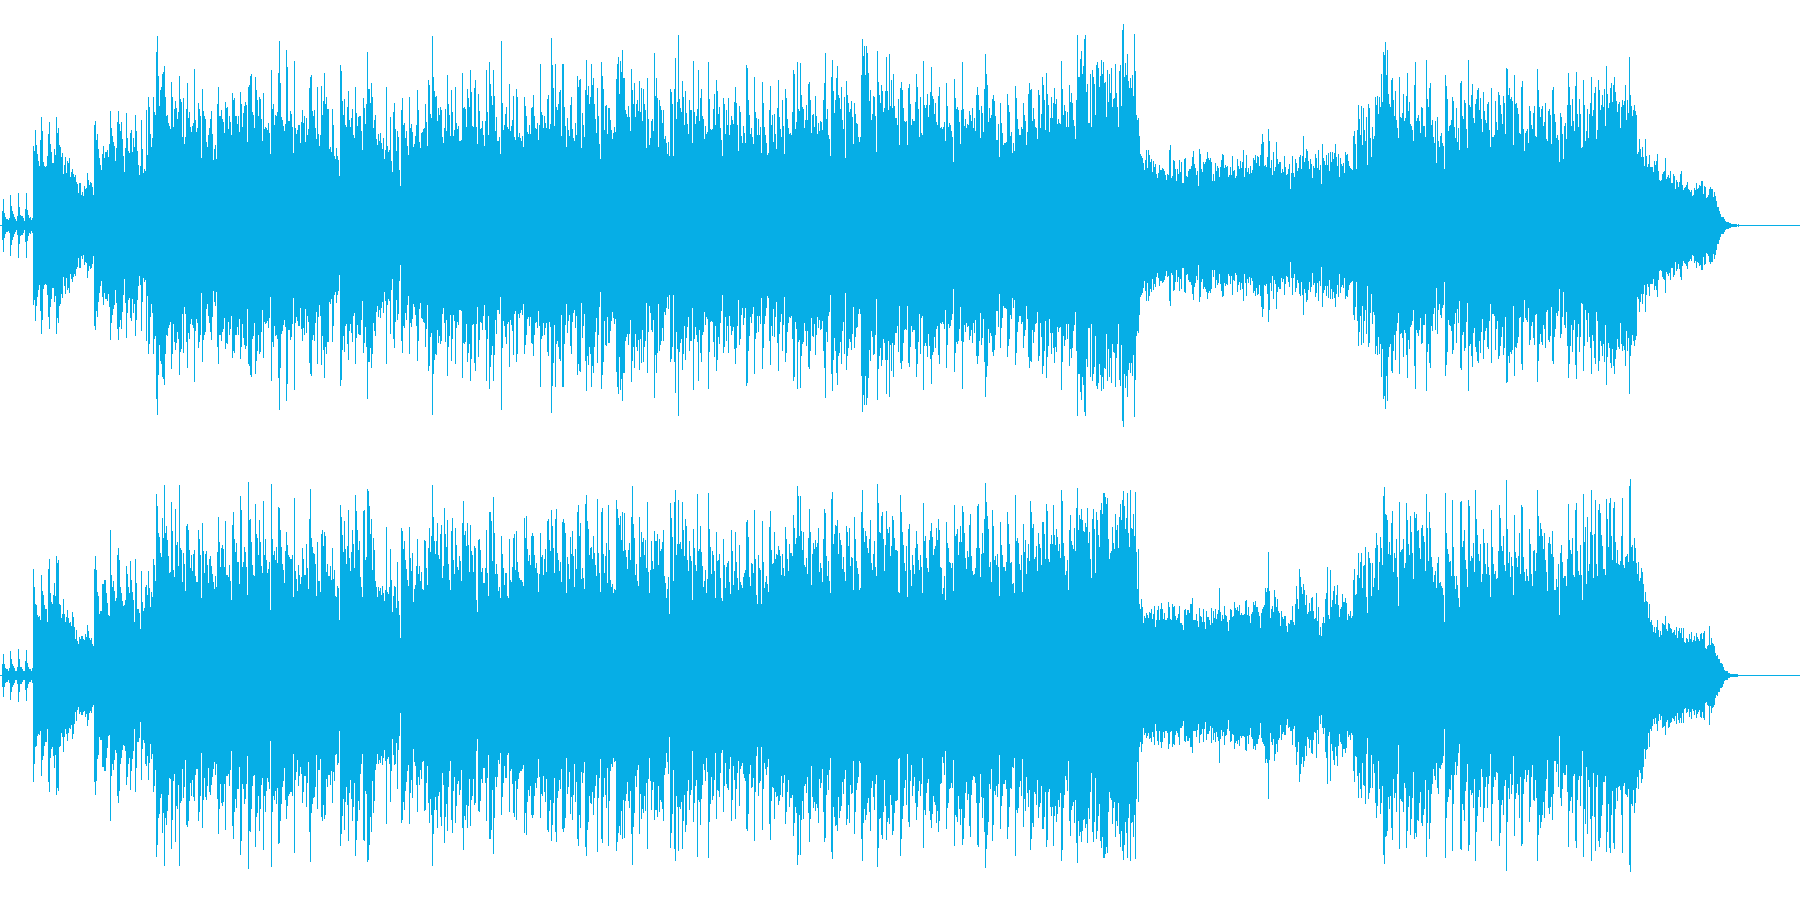 オリジナルクリスマスミュージック1995の再生済みの波形